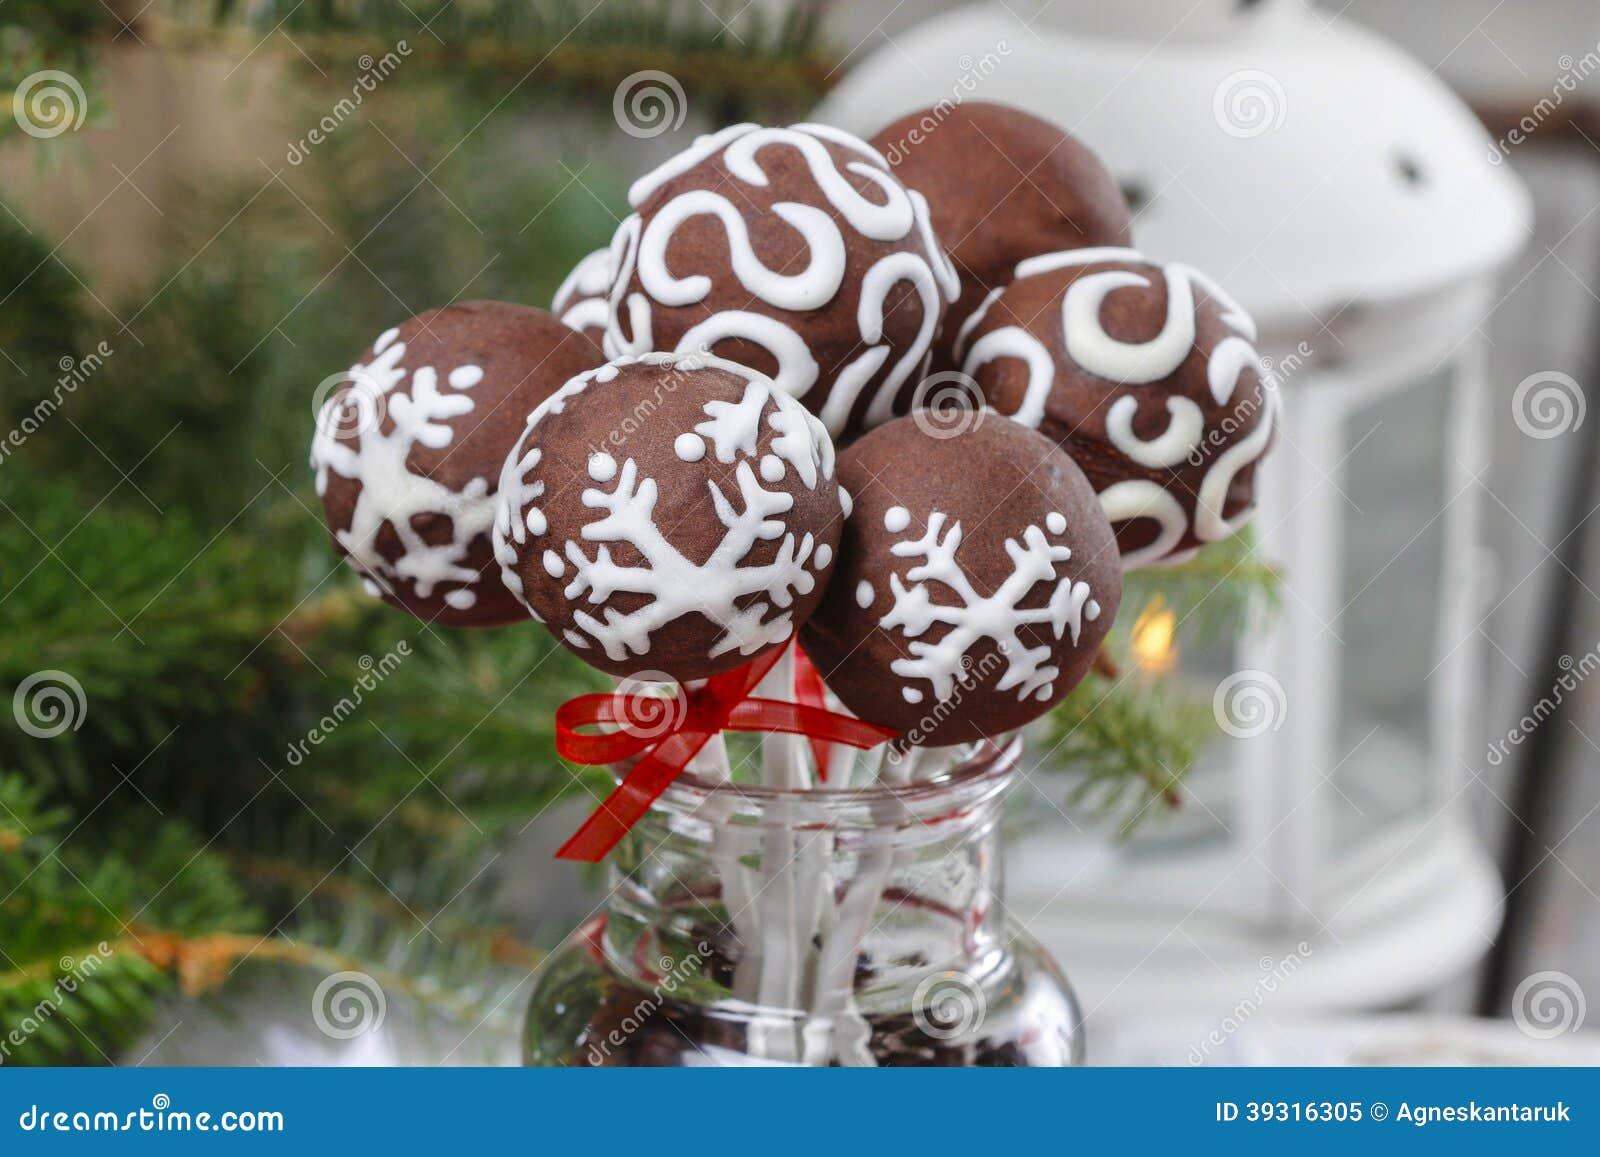 Festive Ornament Cake Pops